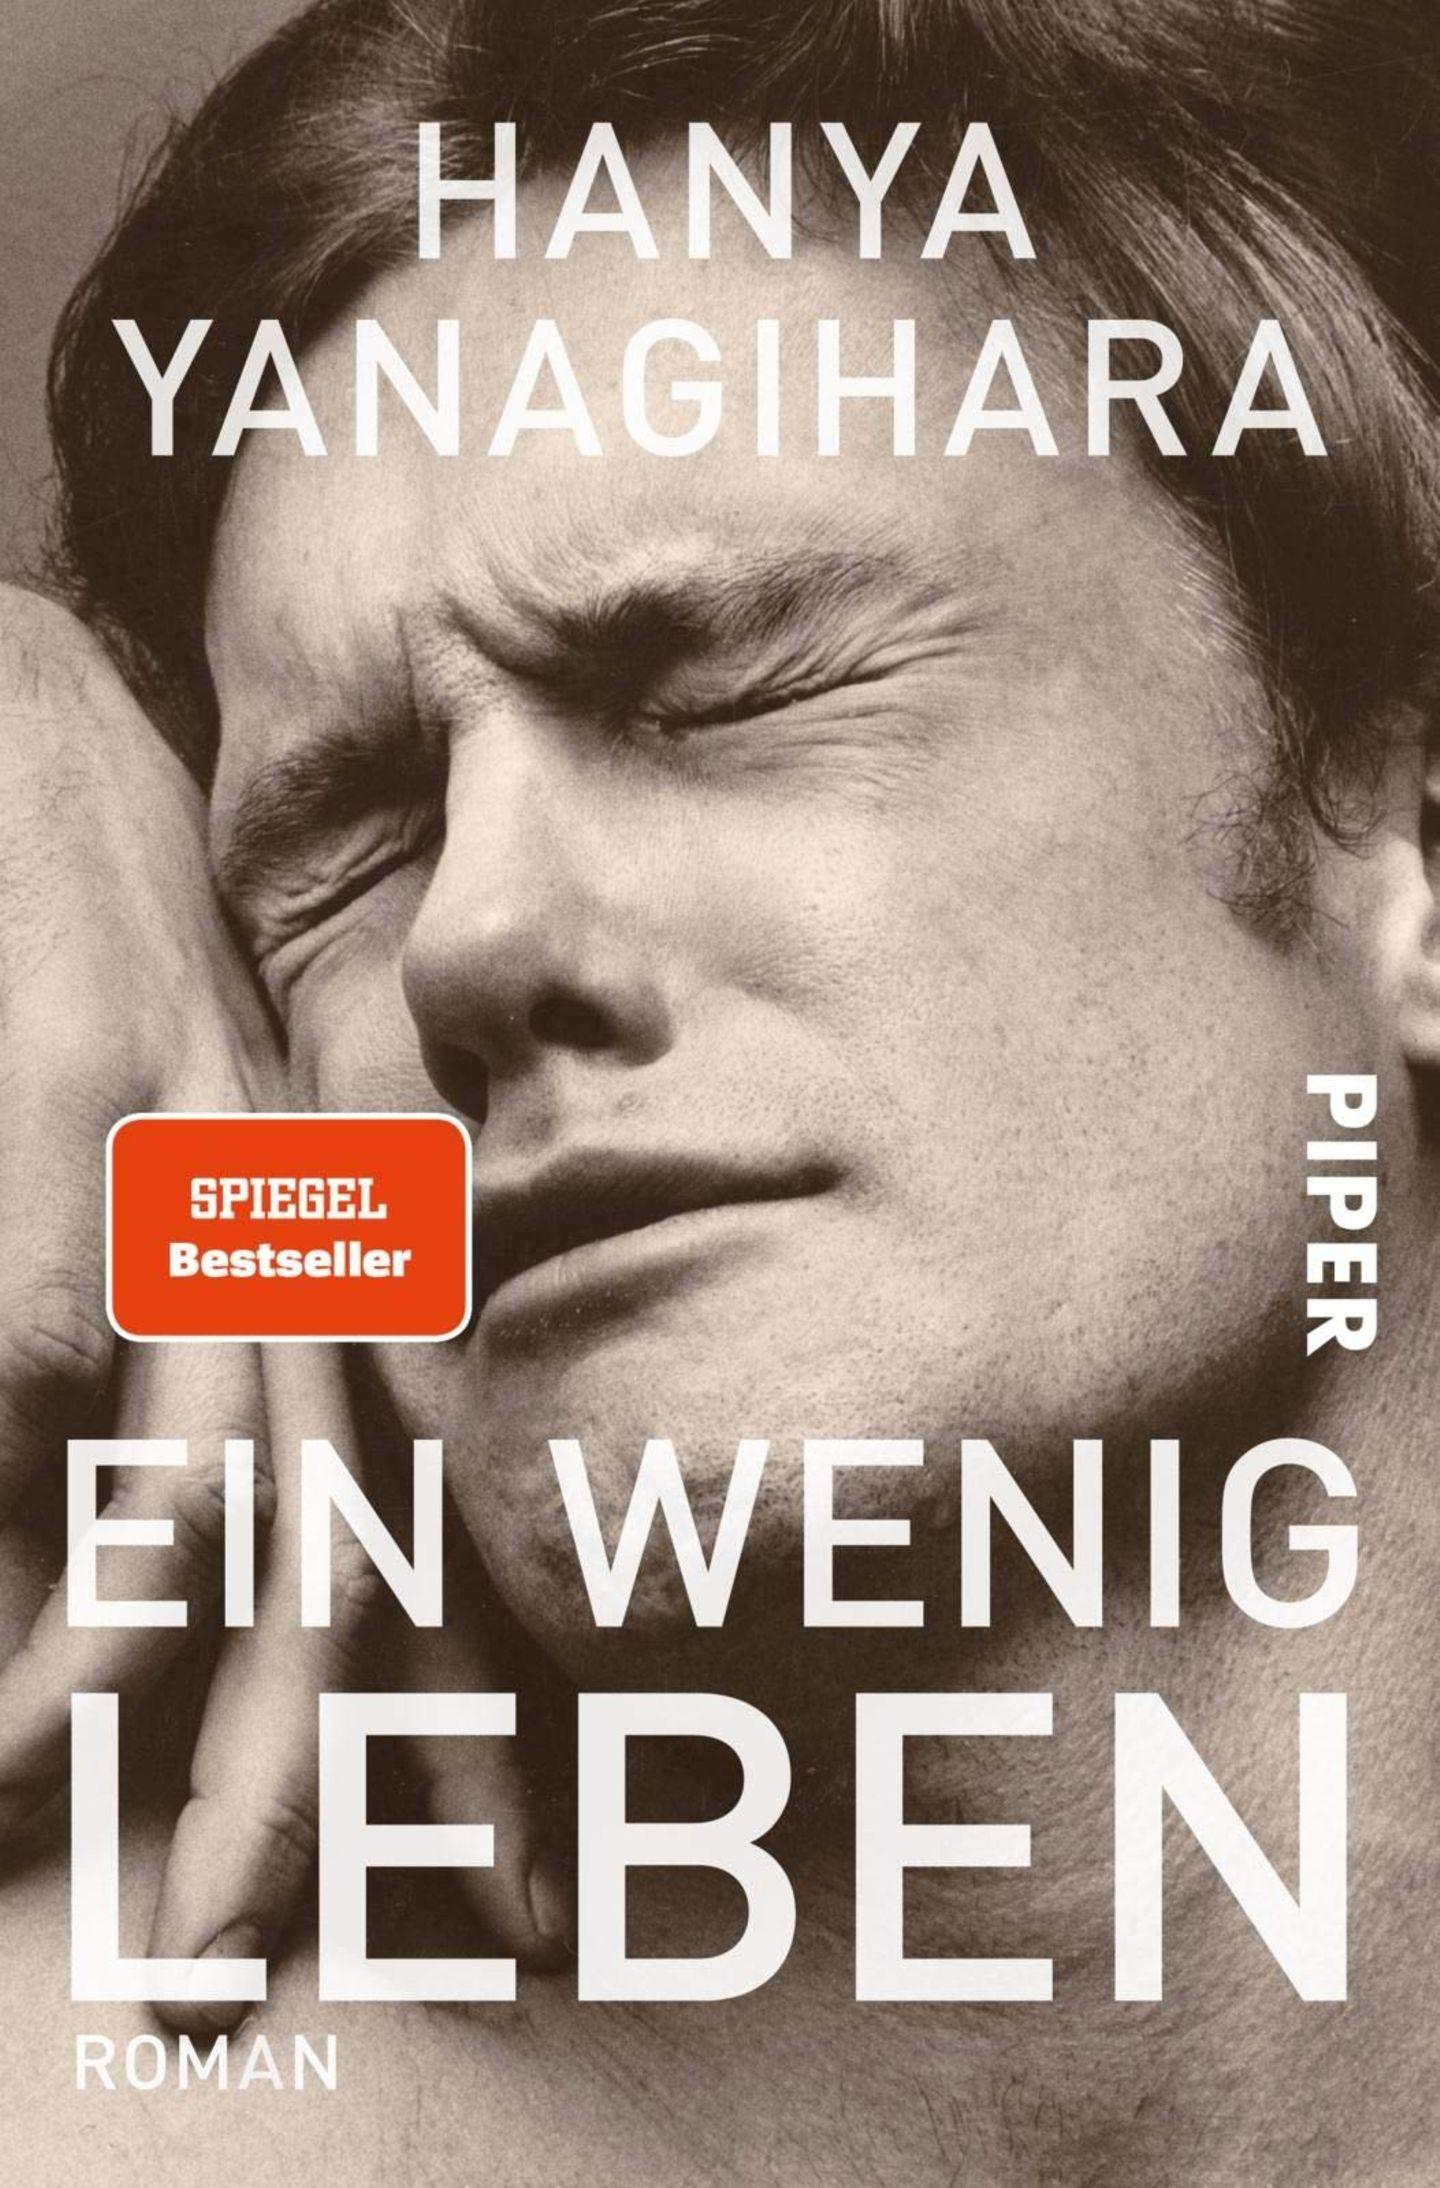 """Der Roman """"Ein wenig Leben"""" von Hanya Yanagihara erzählt die Geschichte der wundervollen Freundschaft zwischen vier unterschiedlichen Männern in New York. Im Fokus steht dabei das Leben des Jude St. Francis, bei dem der Leser schon sehr bald merkt, dass dessen Vergangenheit alles andere als leicht war. Auf den folgenden fast 1000 Seiten entfaltet sich Schritt für Schritt eine Geschichte voller Wucht, Tiefe und Intensität. Ich als Leser habe mitgelacht, mitgeweint und mitgefiebert. Yanagihara erzählt dabei mit so viel Gefühl und Authentizität, dass die Charaktere einem nur ans Herz wachsen können; sie werden zu Freunden, die man am liebsten nie wieder loslassen würde. Ich hatte selten in meinem Leben ein so intensives Leseerlebnis wie bei """"Ein wenig Leben"""" und empfehle es seitdem sämtlichen Bekannten und Freunden – mit Vorbehalt jedoch, denn das Buch ist wirklich kein leichter Stoff. Es wühlt auf, es macht fassungslos, es schockiert. Und trotzdem ist es eines der großartigsten Bücher der letzten Jahre.  Laura Klingenberg, @zeilenverliebt  zum Buch"""